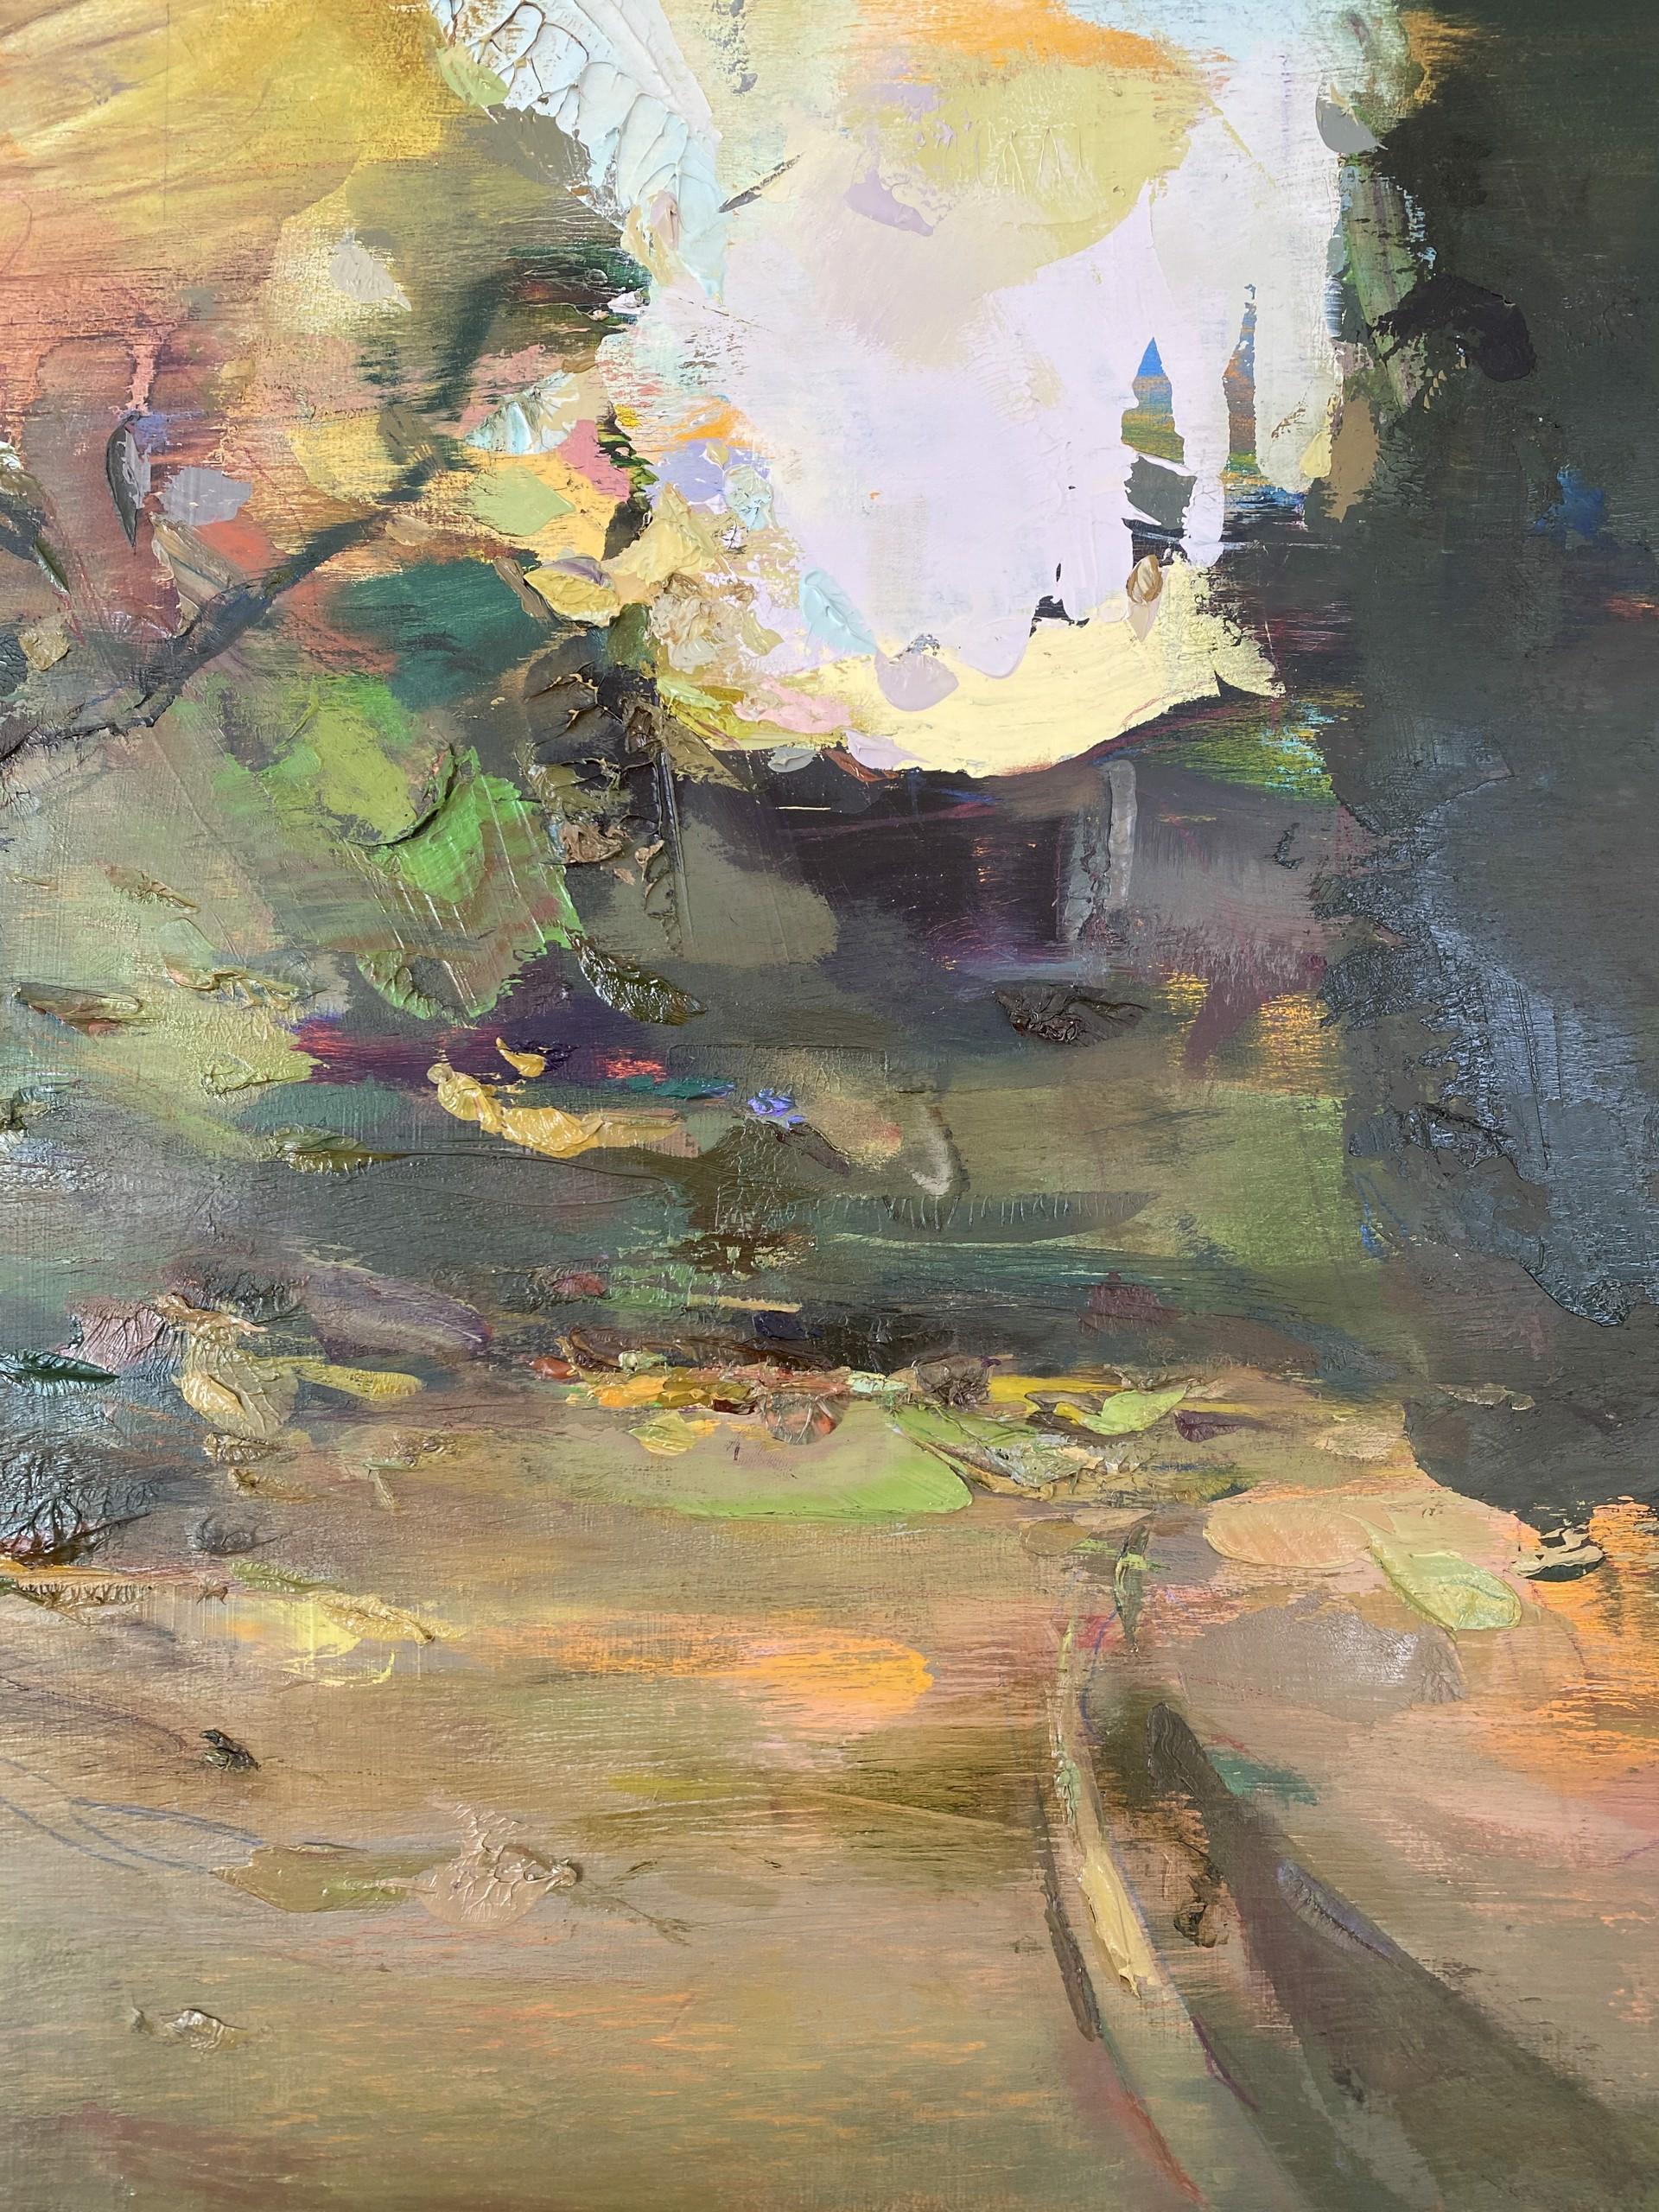 Garden No. 48 by Carlos San Millán